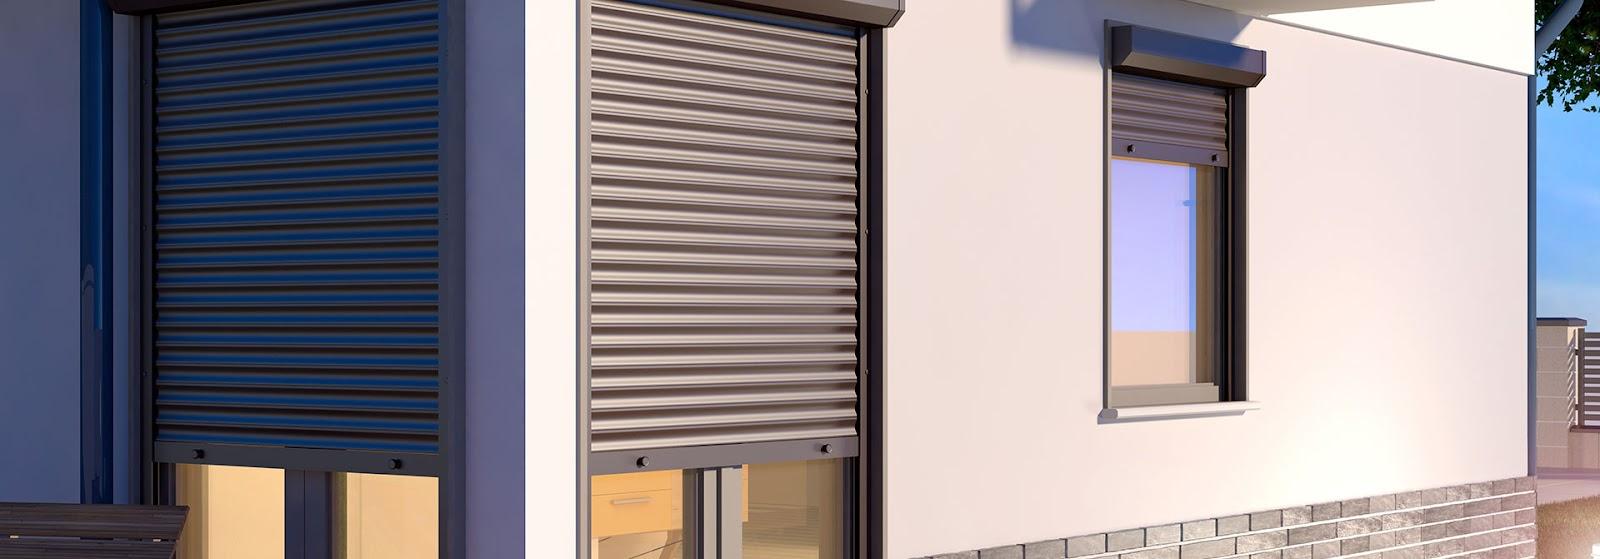 ventanas-persianas